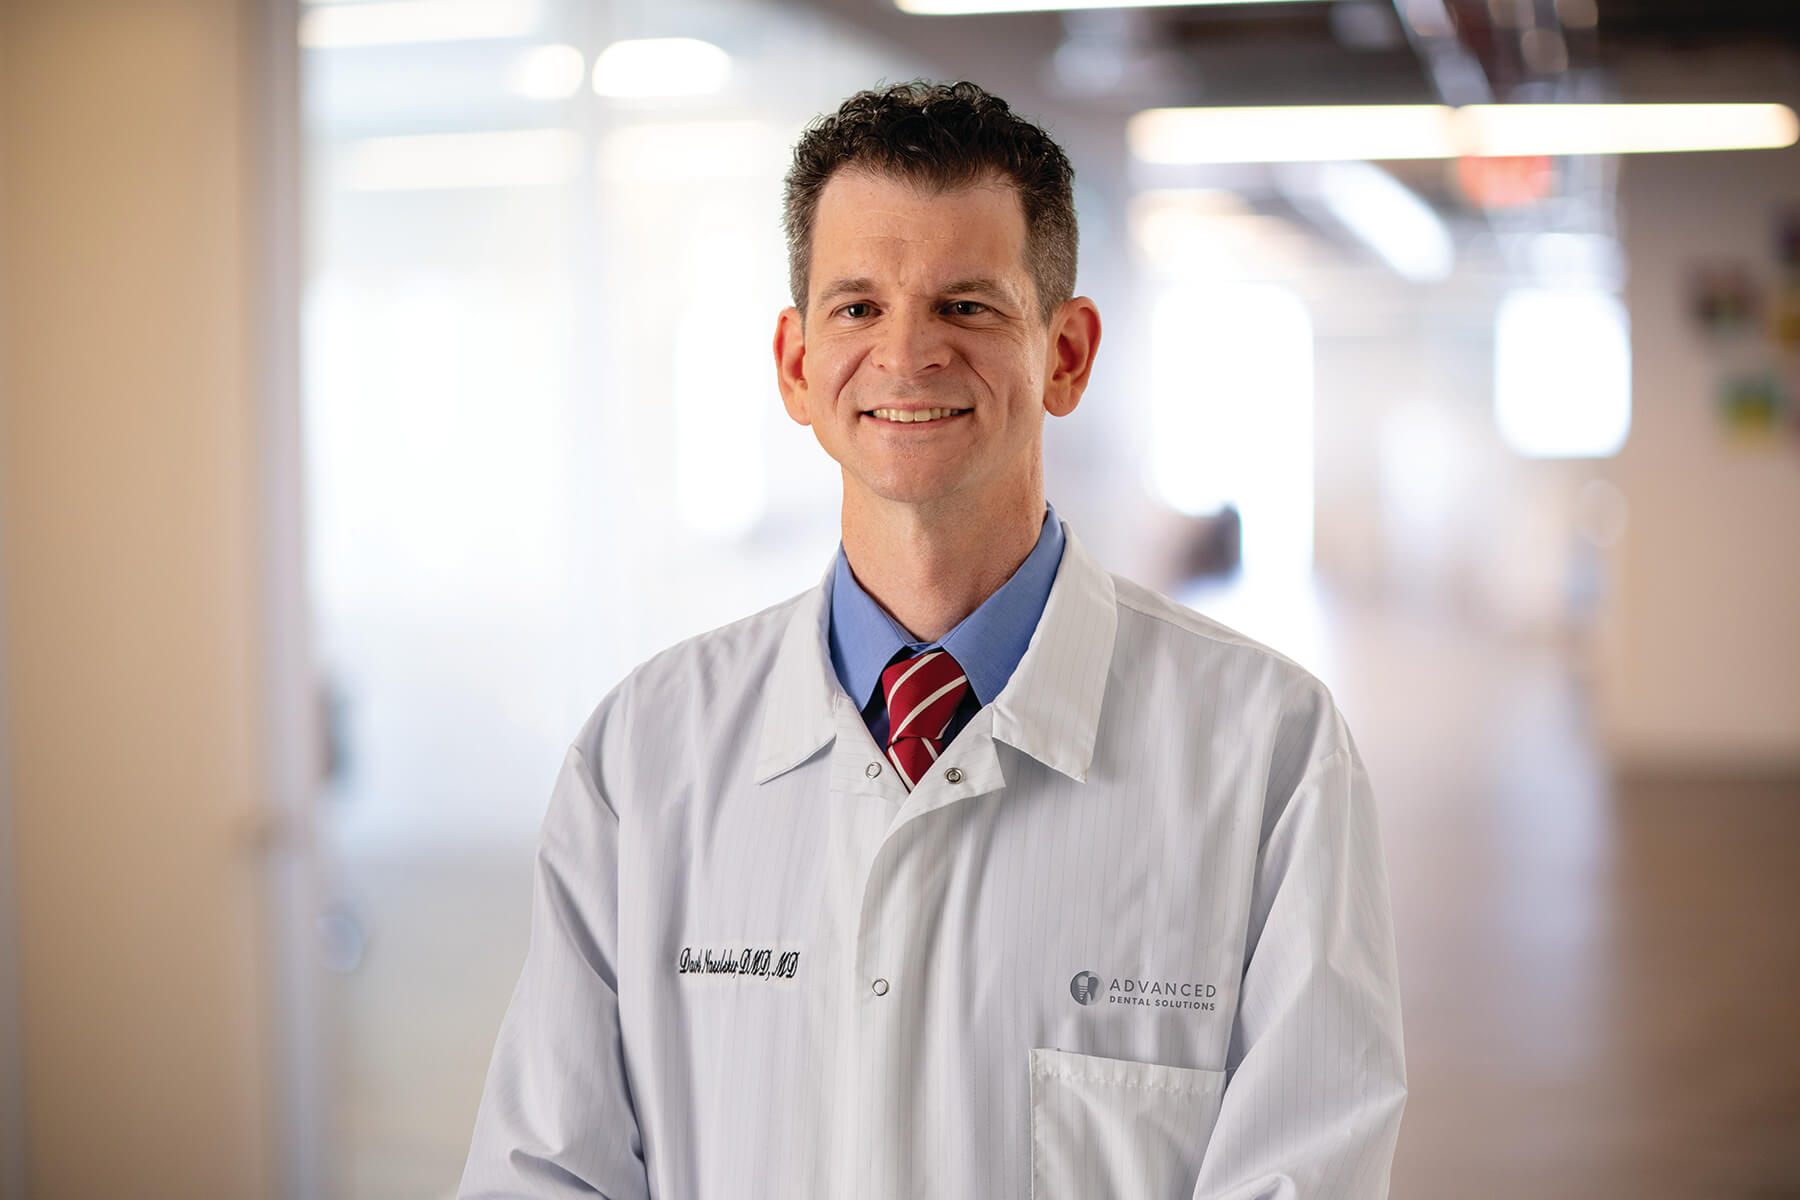 Dr. David Naselsker